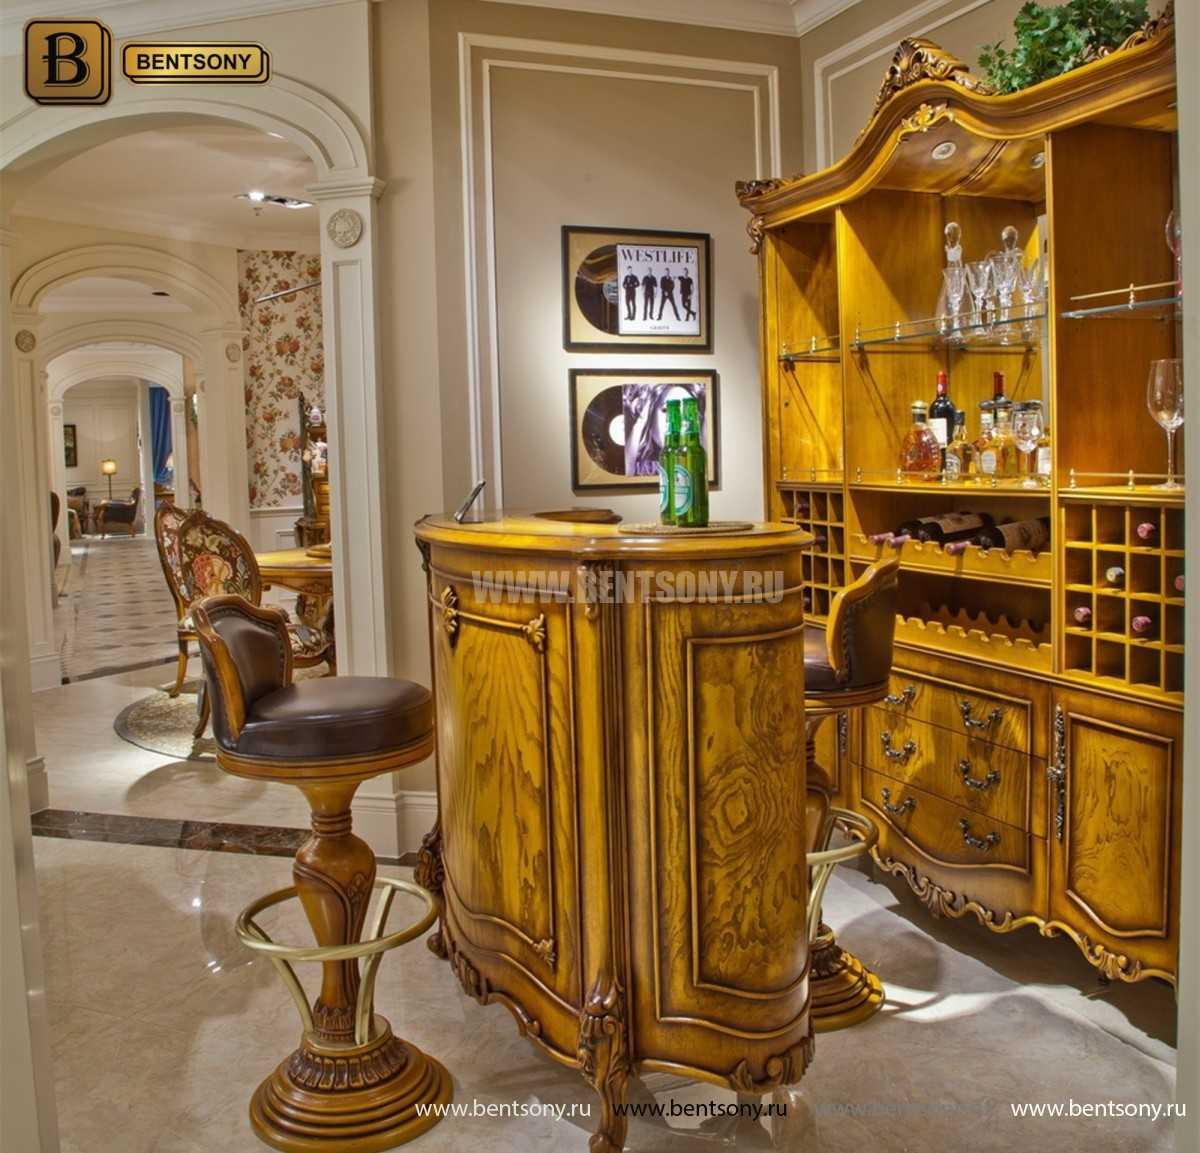 Буфет (Барный шкаф) Дакота (Классика, массив дерева) купить